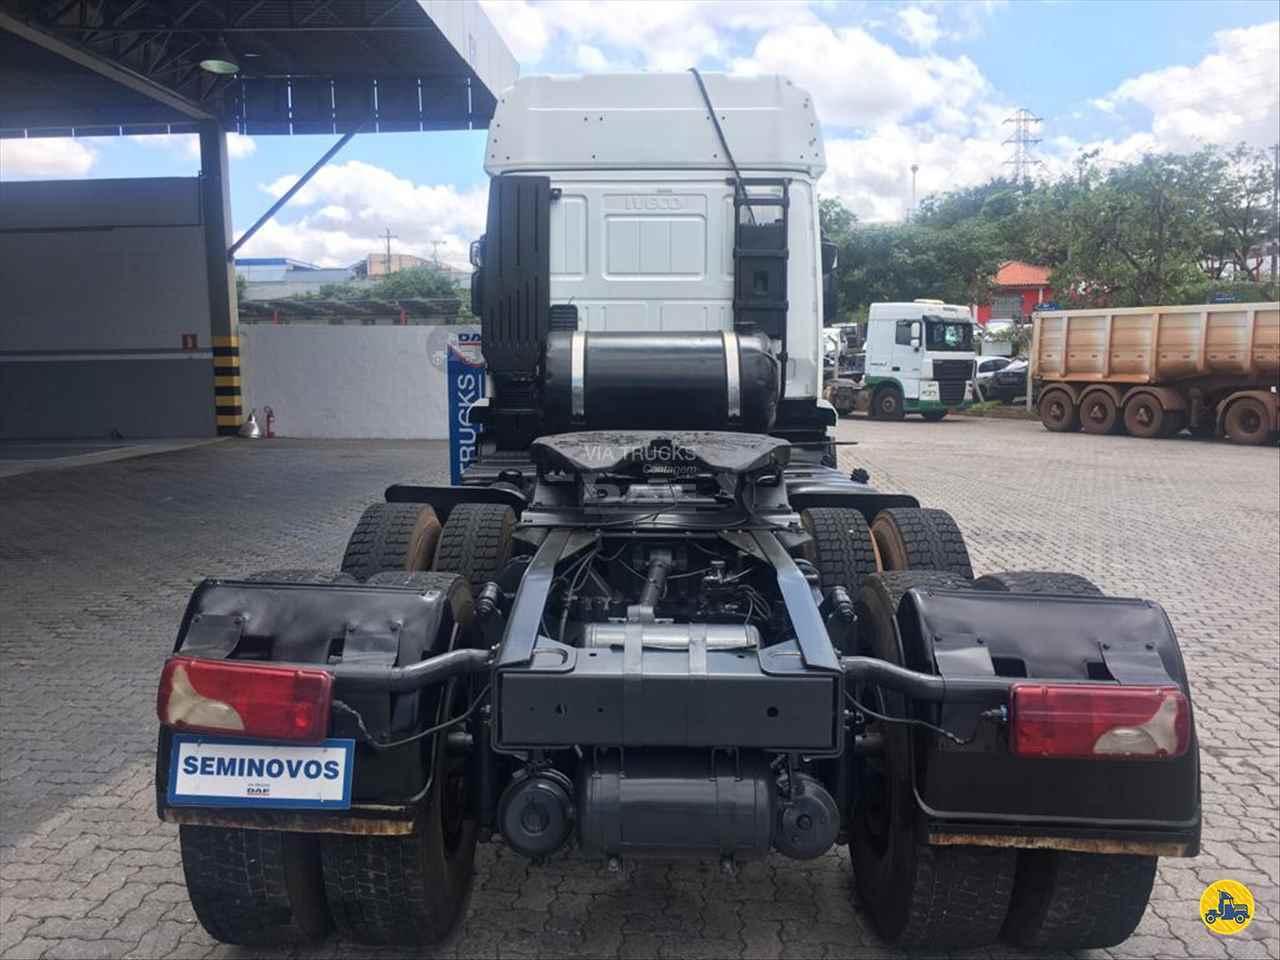 IVECO STRALIS 740 979491km 2008/2008 Via Trucks - DAF